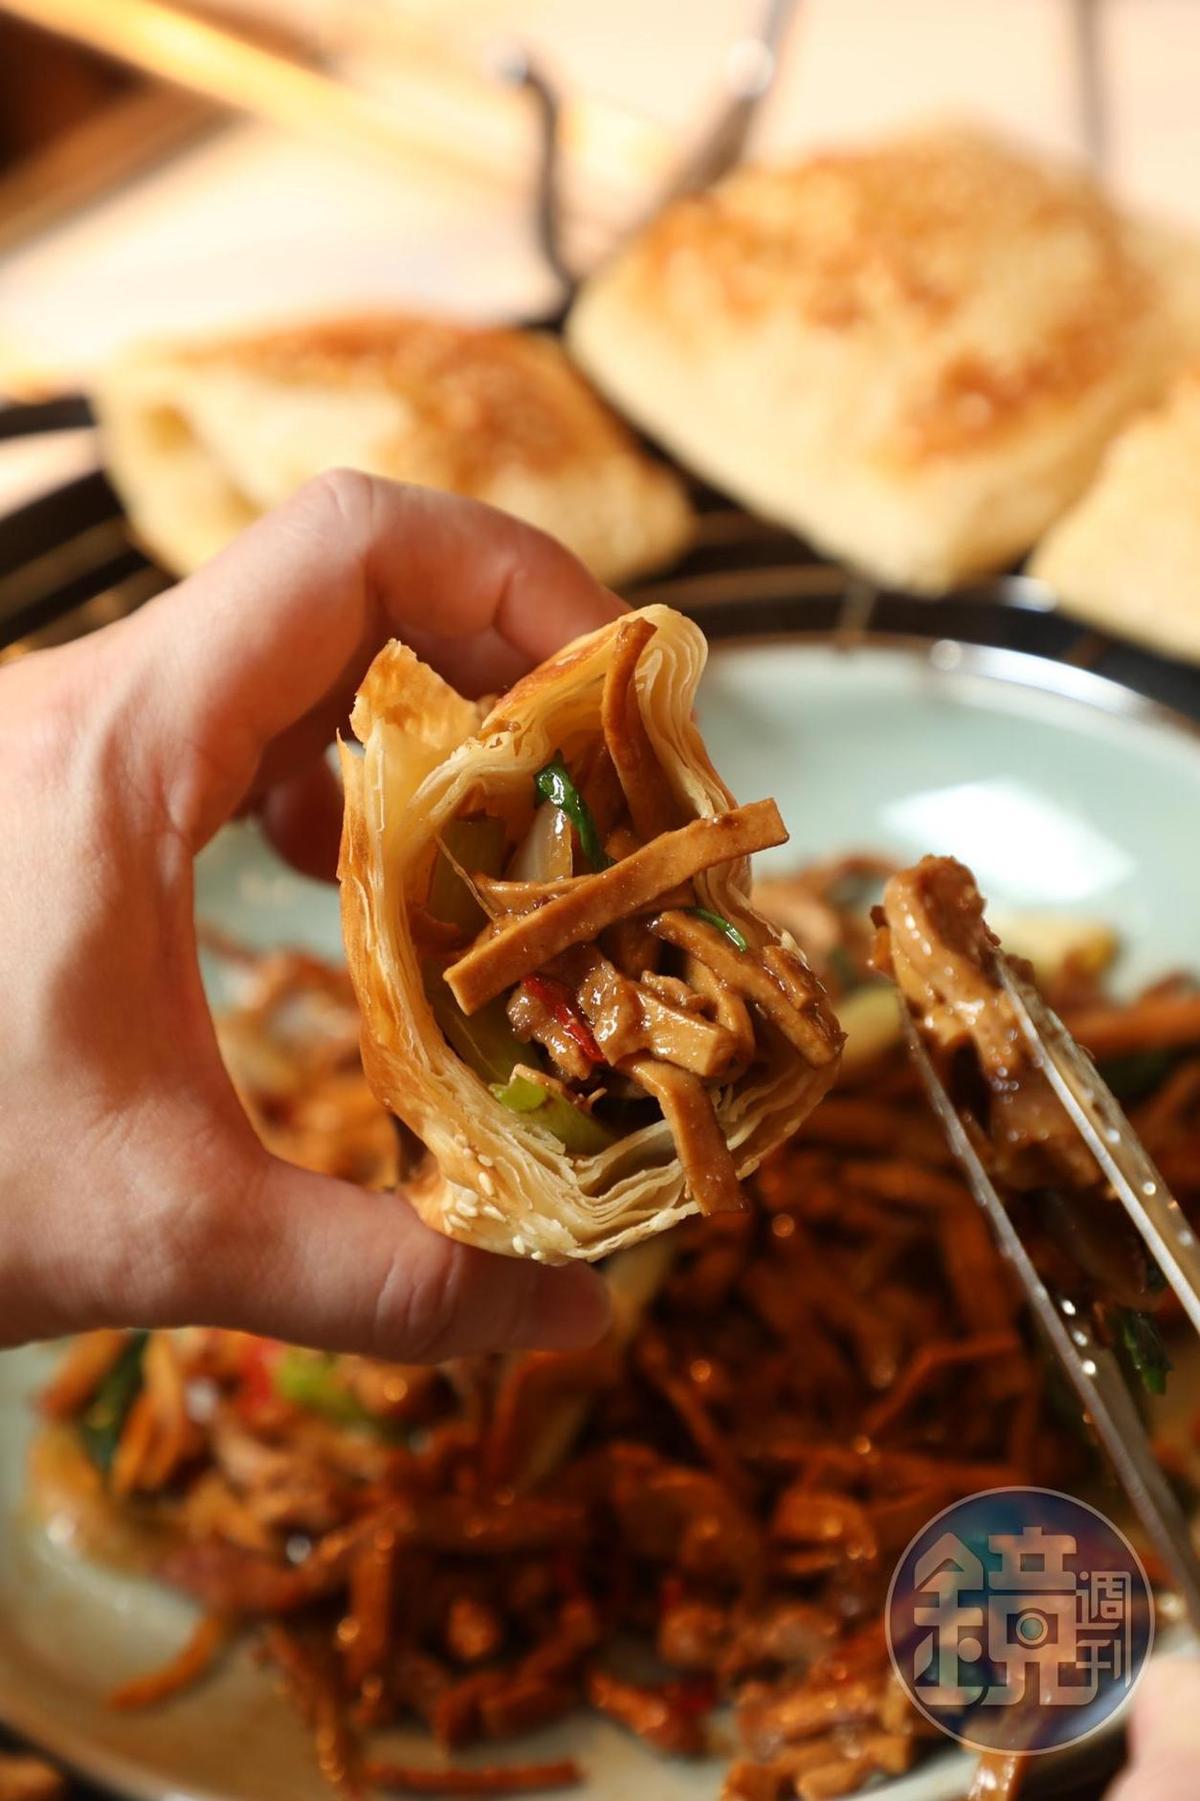 這道董事長私房菜「燒餅包豆乾肉絲」,讓我想起蒙古烤肉的滋味。